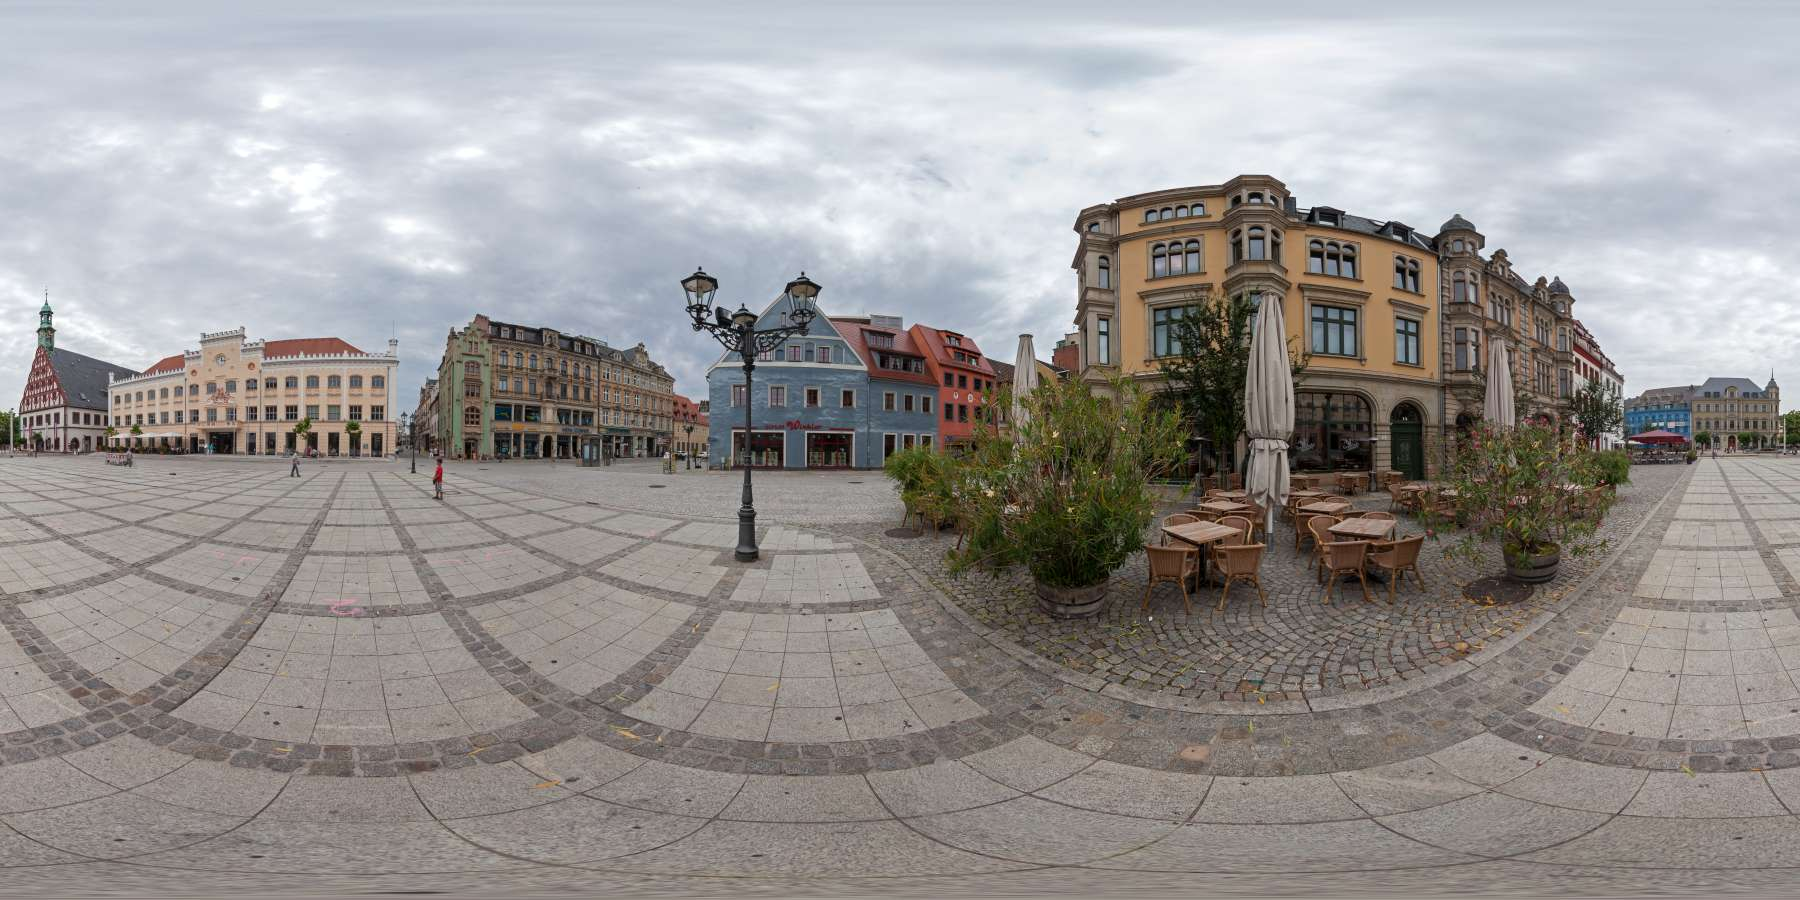 Panorama Stadt Zwickau Blick auf das Rathaus